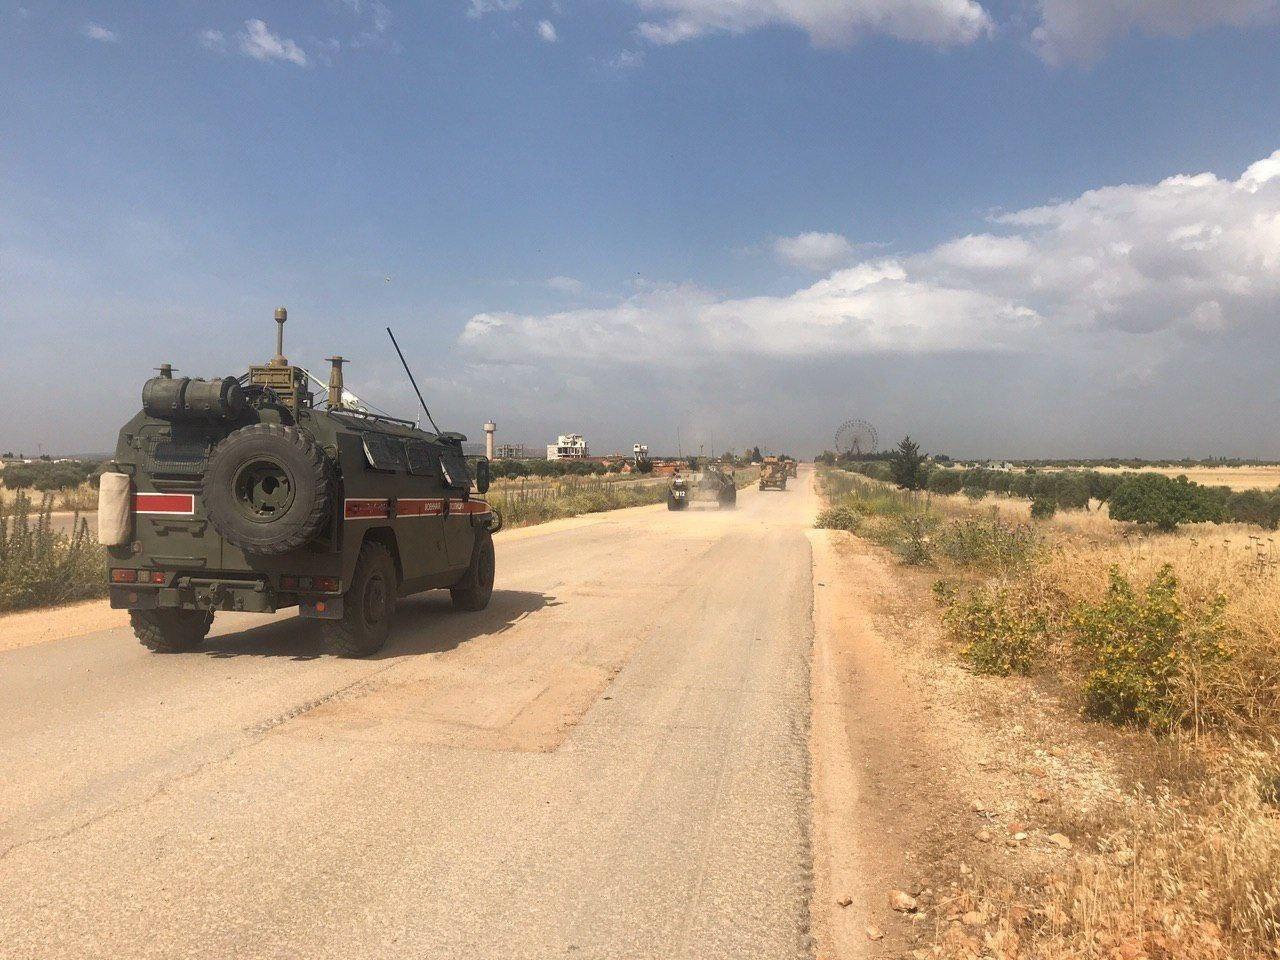 مركبة للشرطة العسكرية الروسية في محافظة إدلب السورية